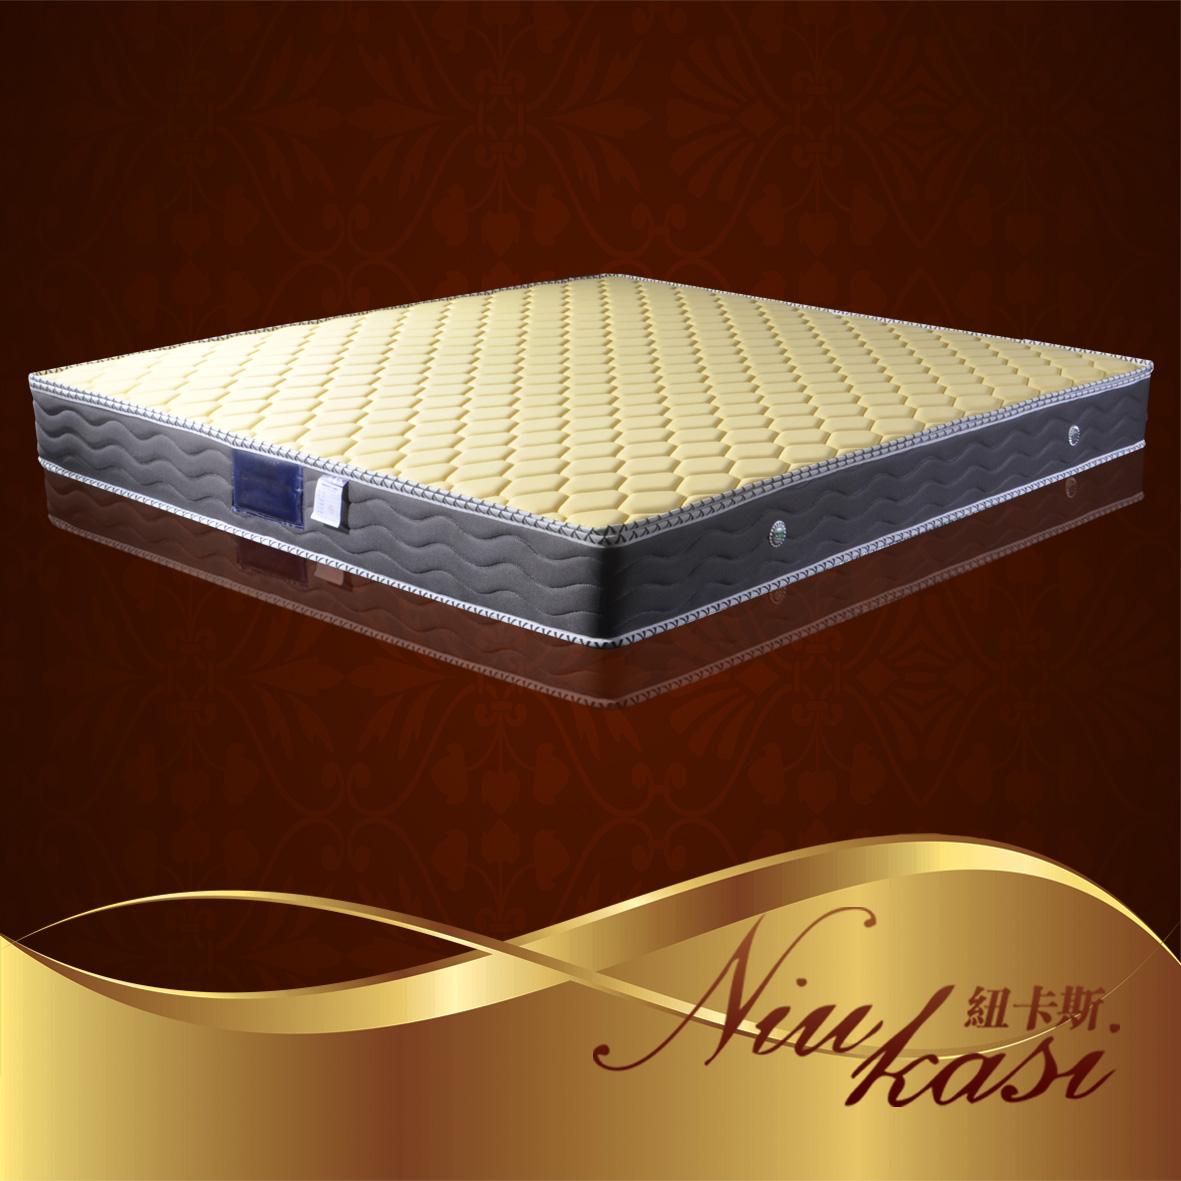 纽卡斯天然棕榈全椰棕硬床垫028型